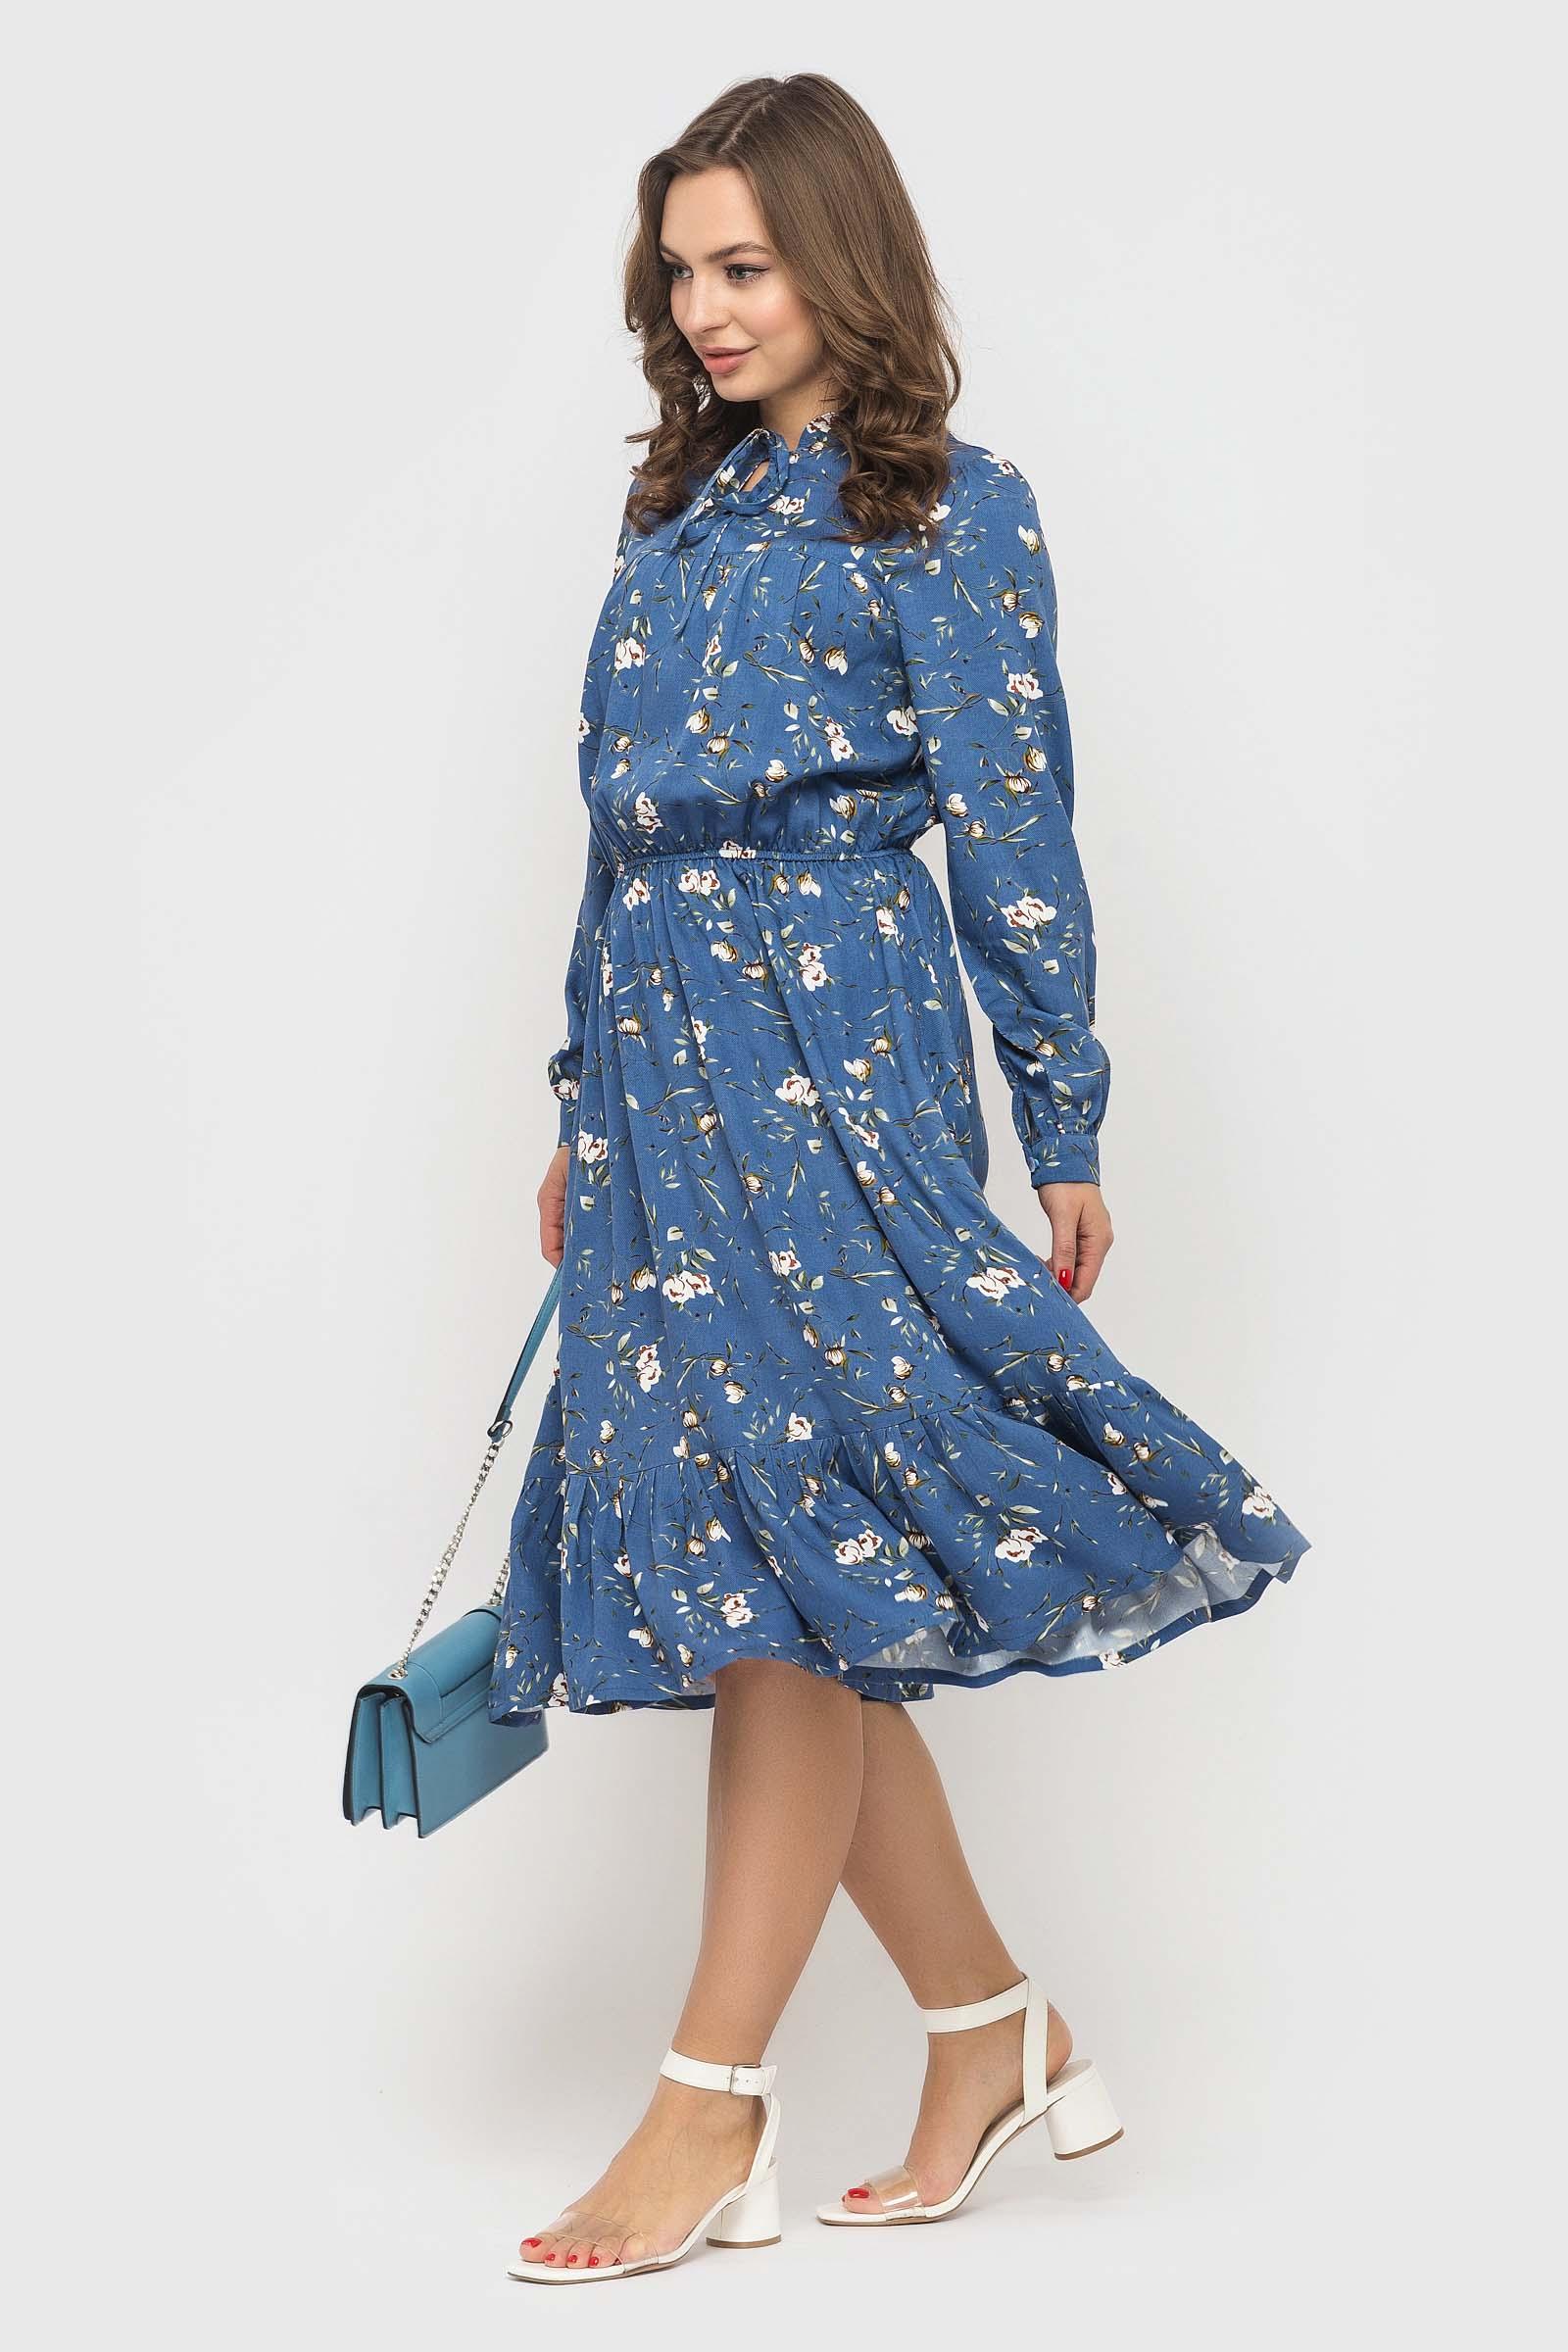 be art 2020 04 07182372 Купить платье